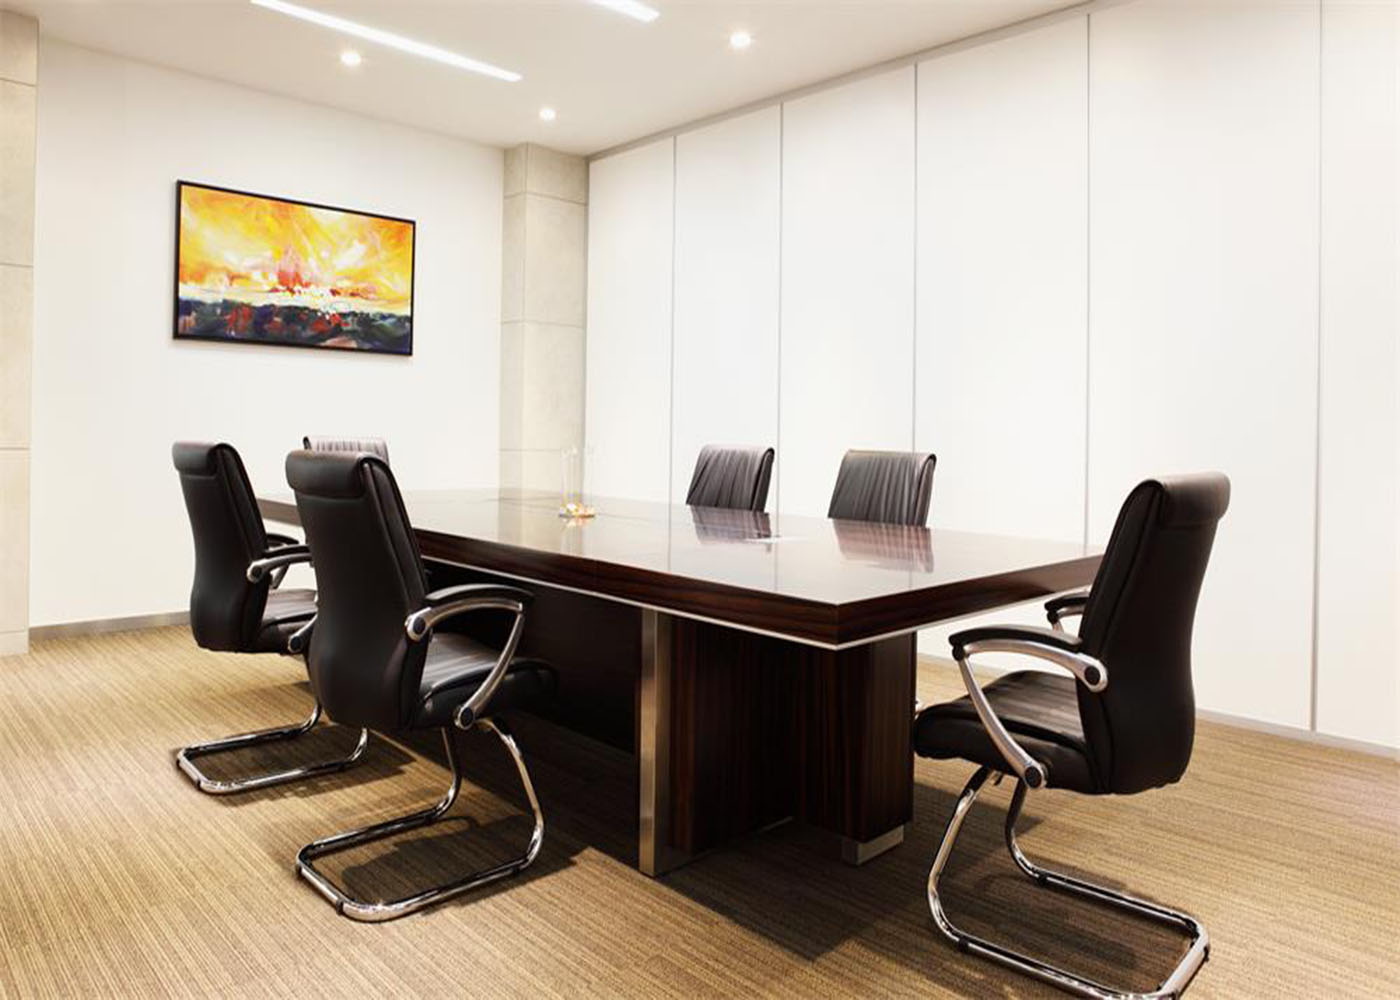 贝尔特会议桌A03,上海会议桌,【尺寸 价格 图片 品牌】